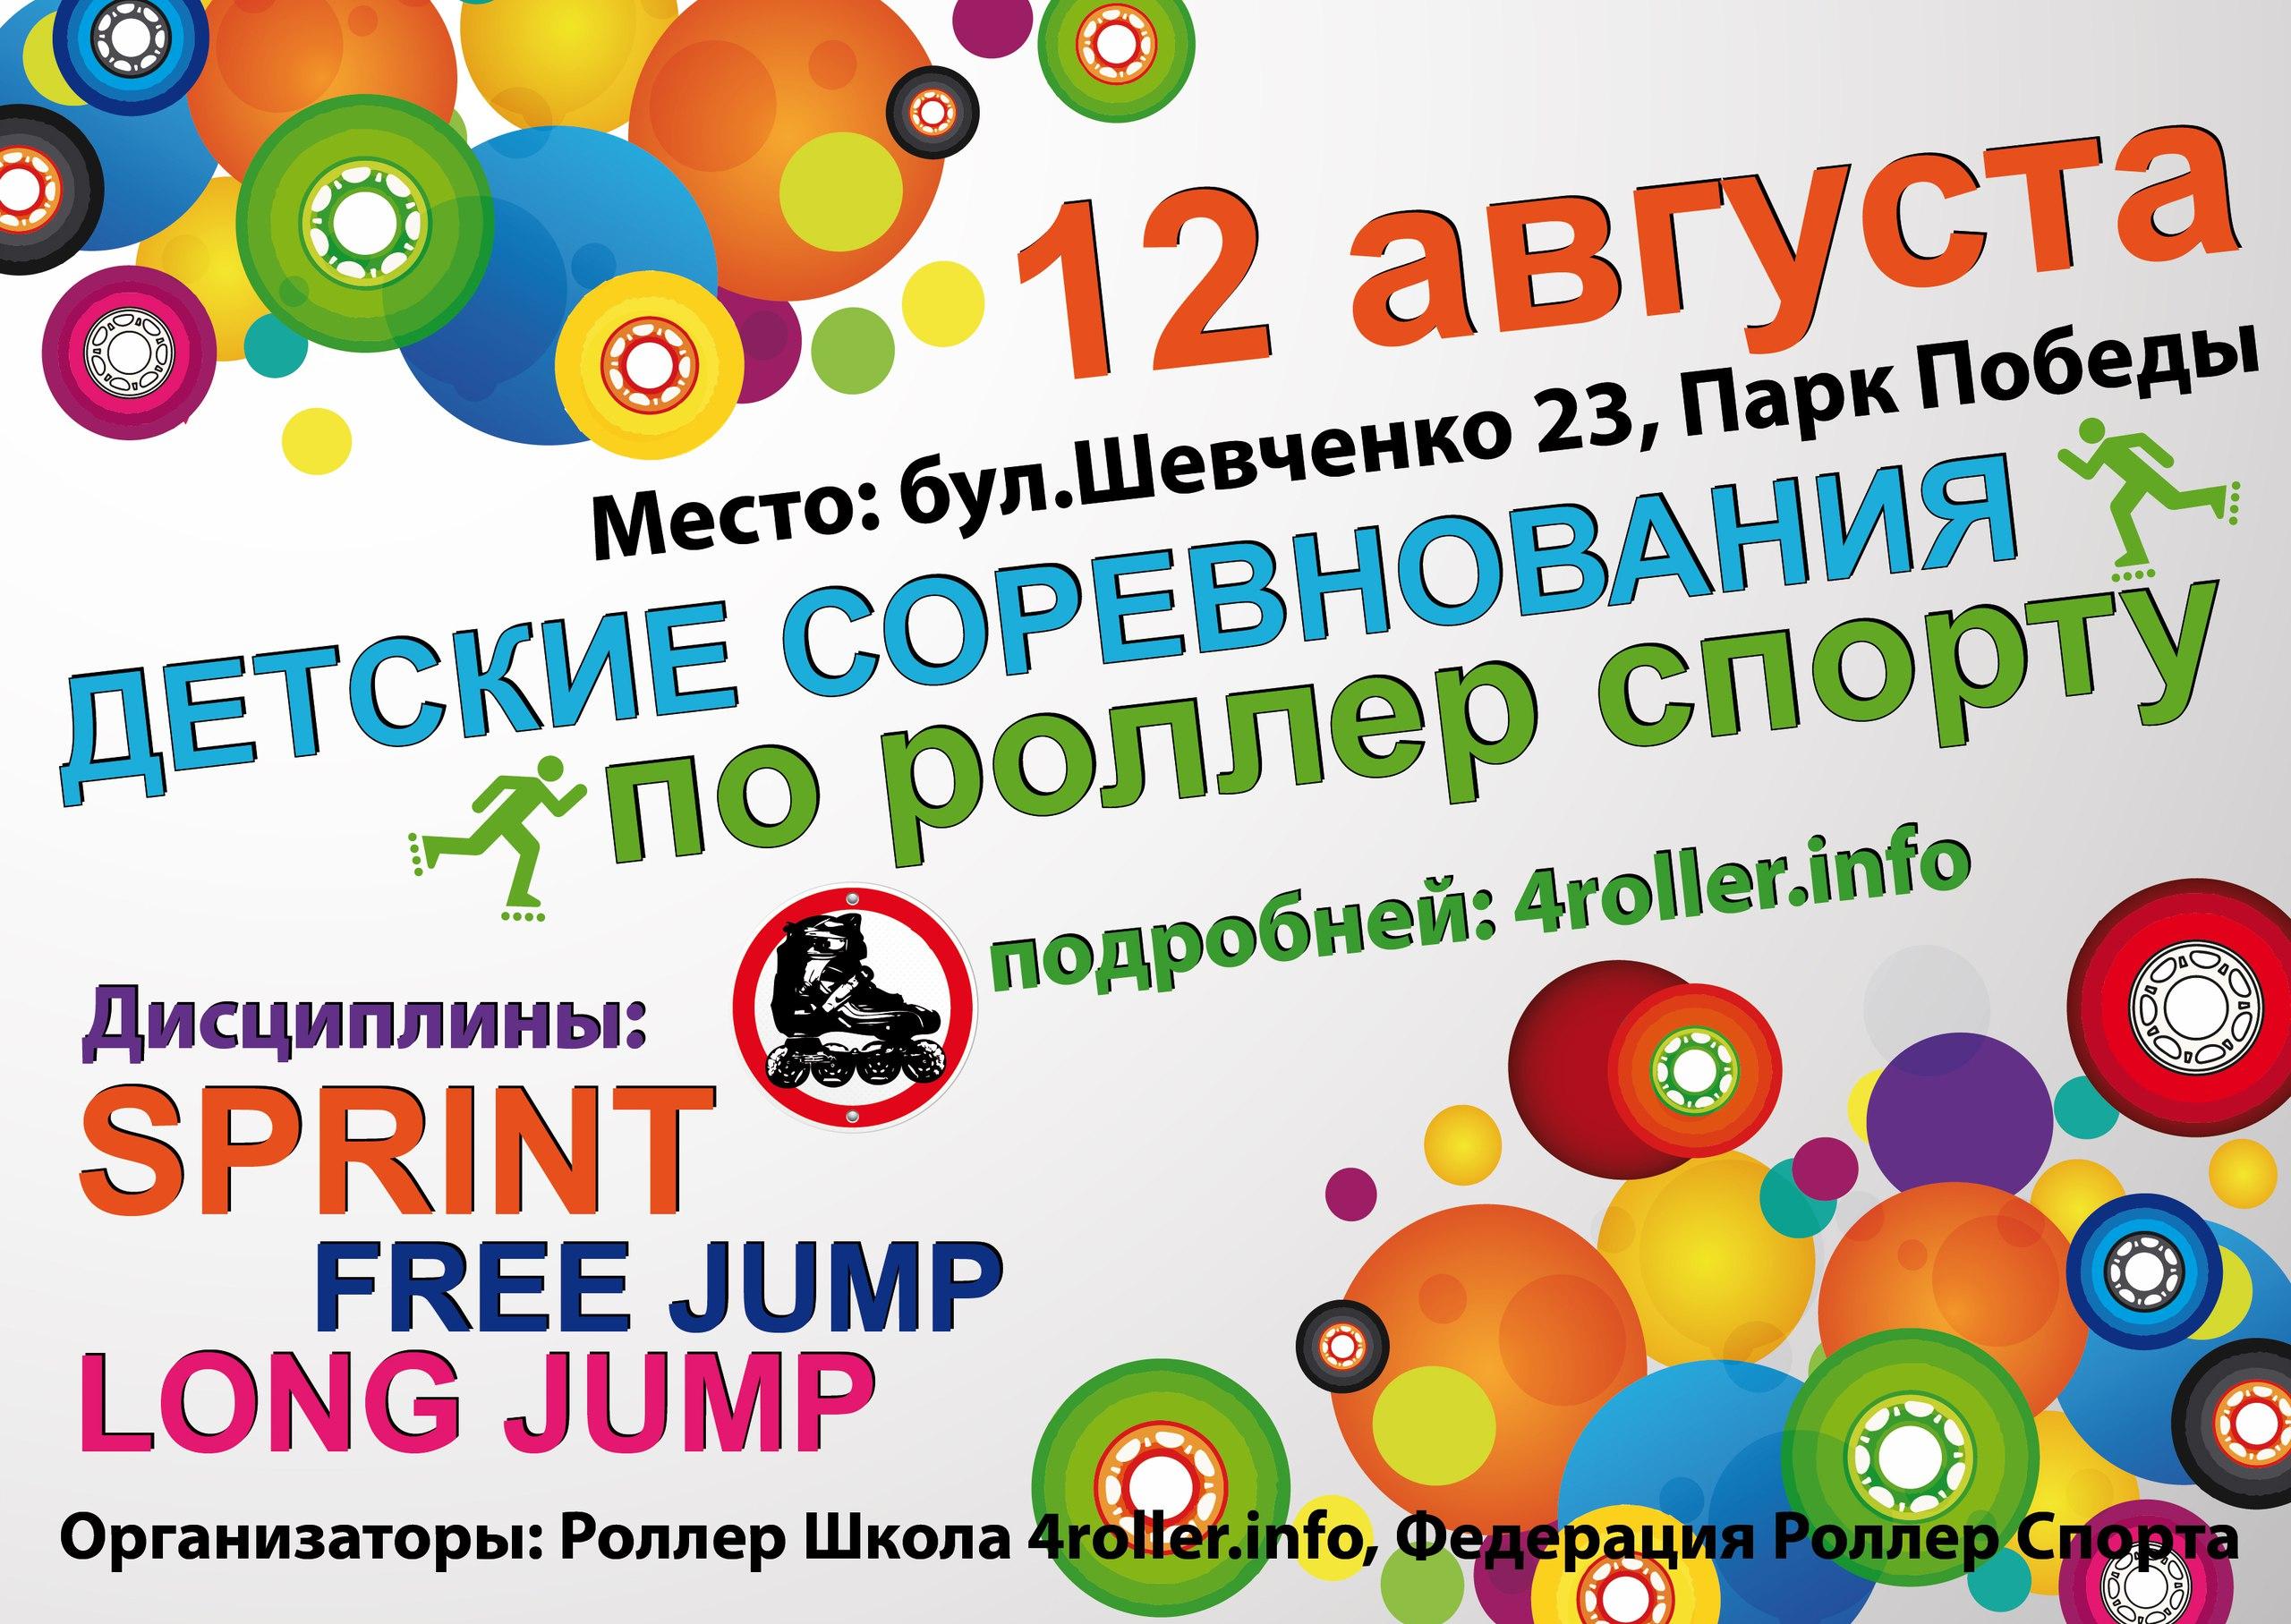 Детские соревнования по роллер спорту - 12.08.2017